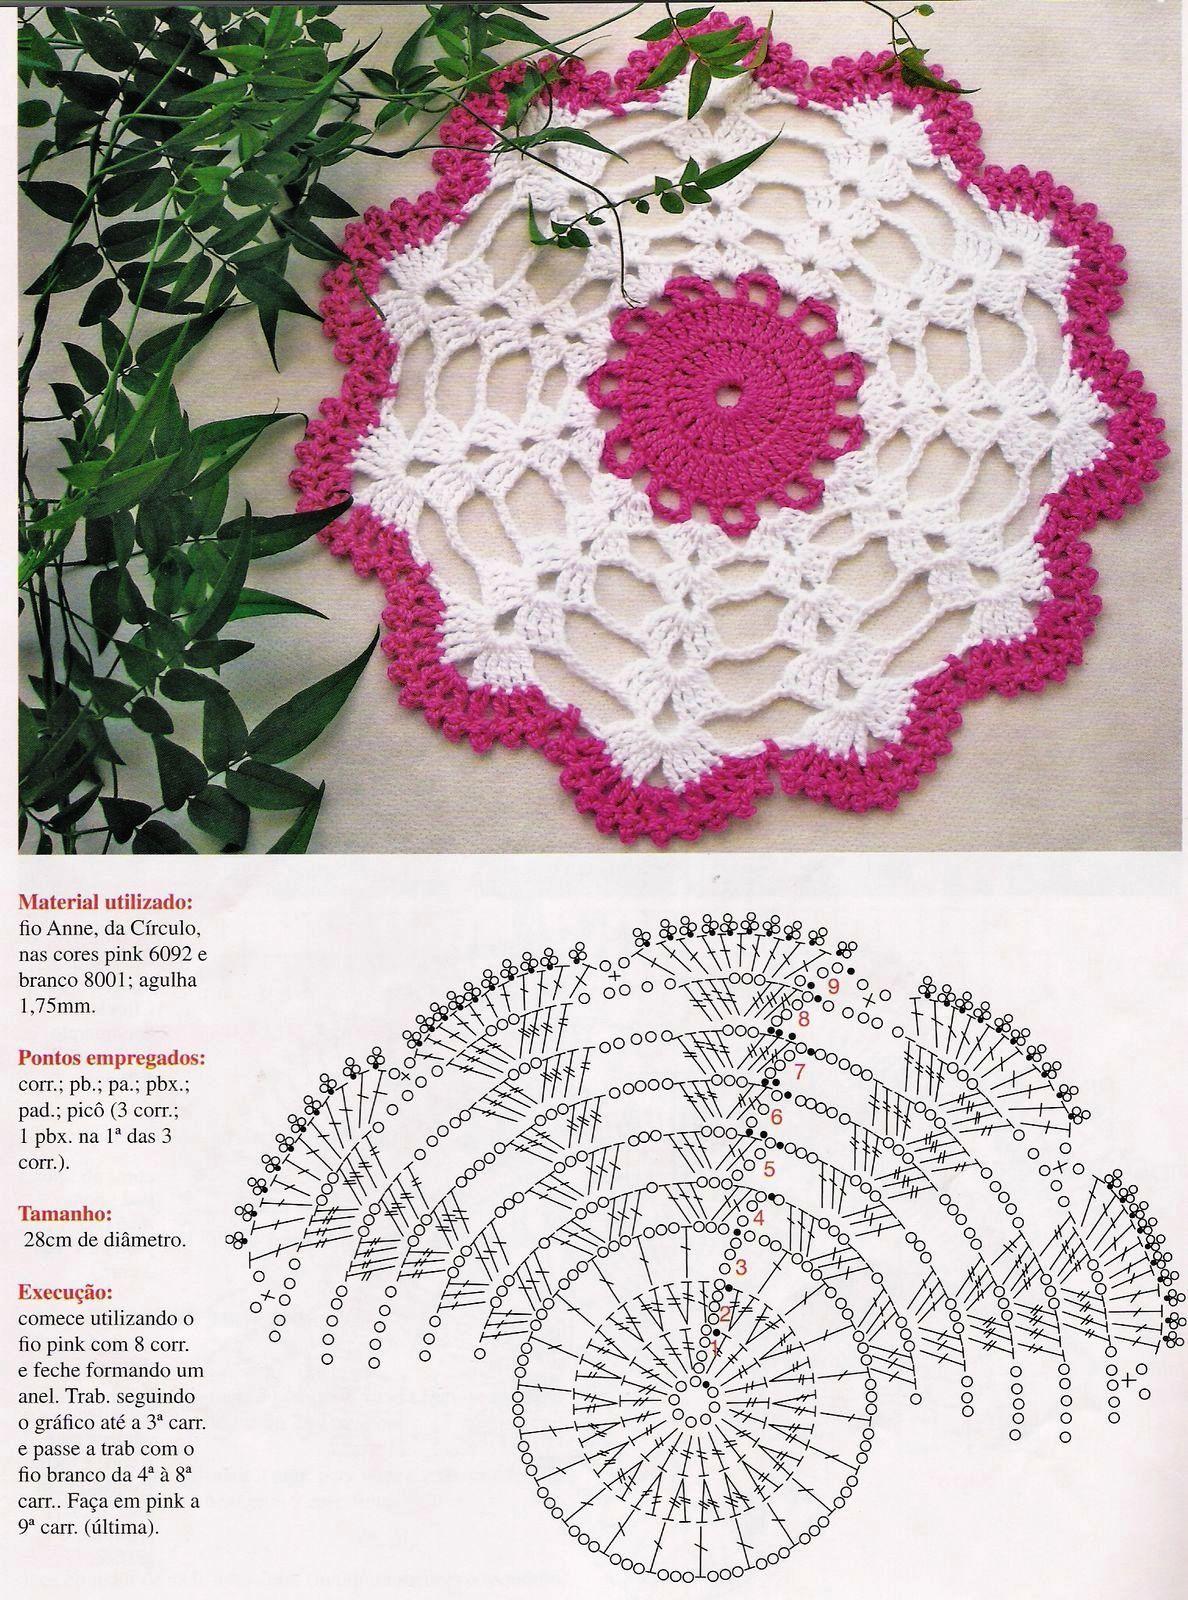 Patrones para crochet y ganchillo. Amiguismos. Aprende a tejer ...